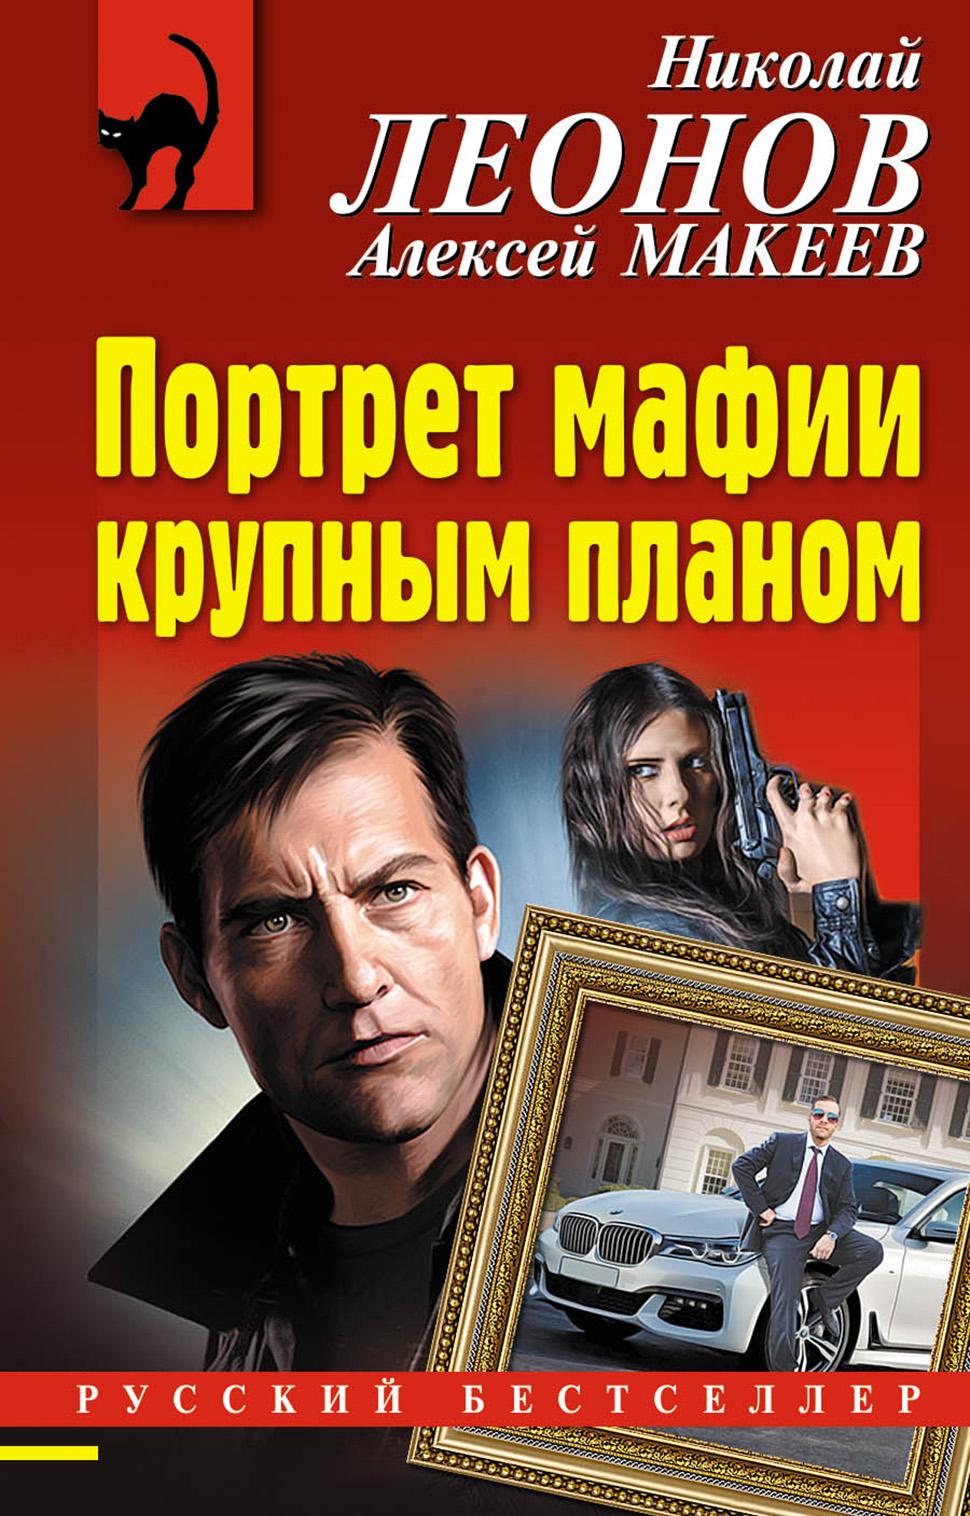 Николай Леонов, Алексей Макеев - Портрет мафии крупным планом